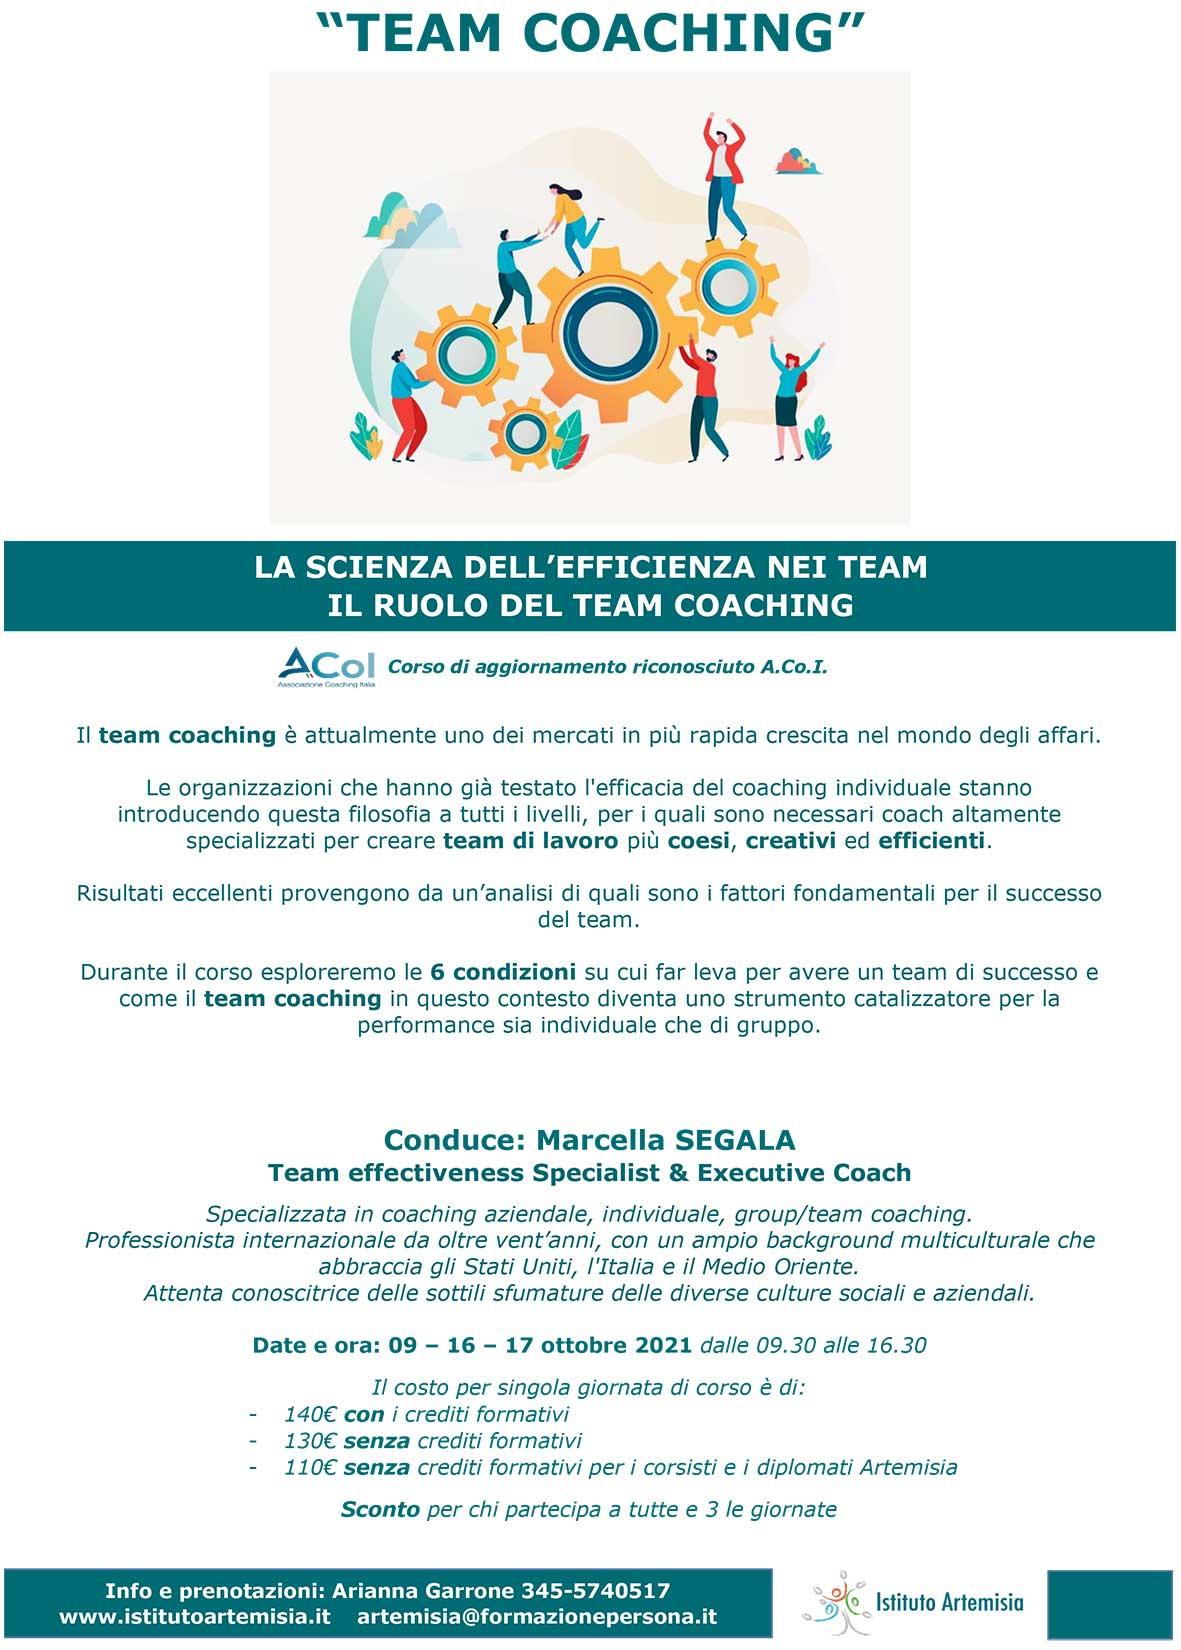 Corso Coaching: diventare professionisti di Coaching